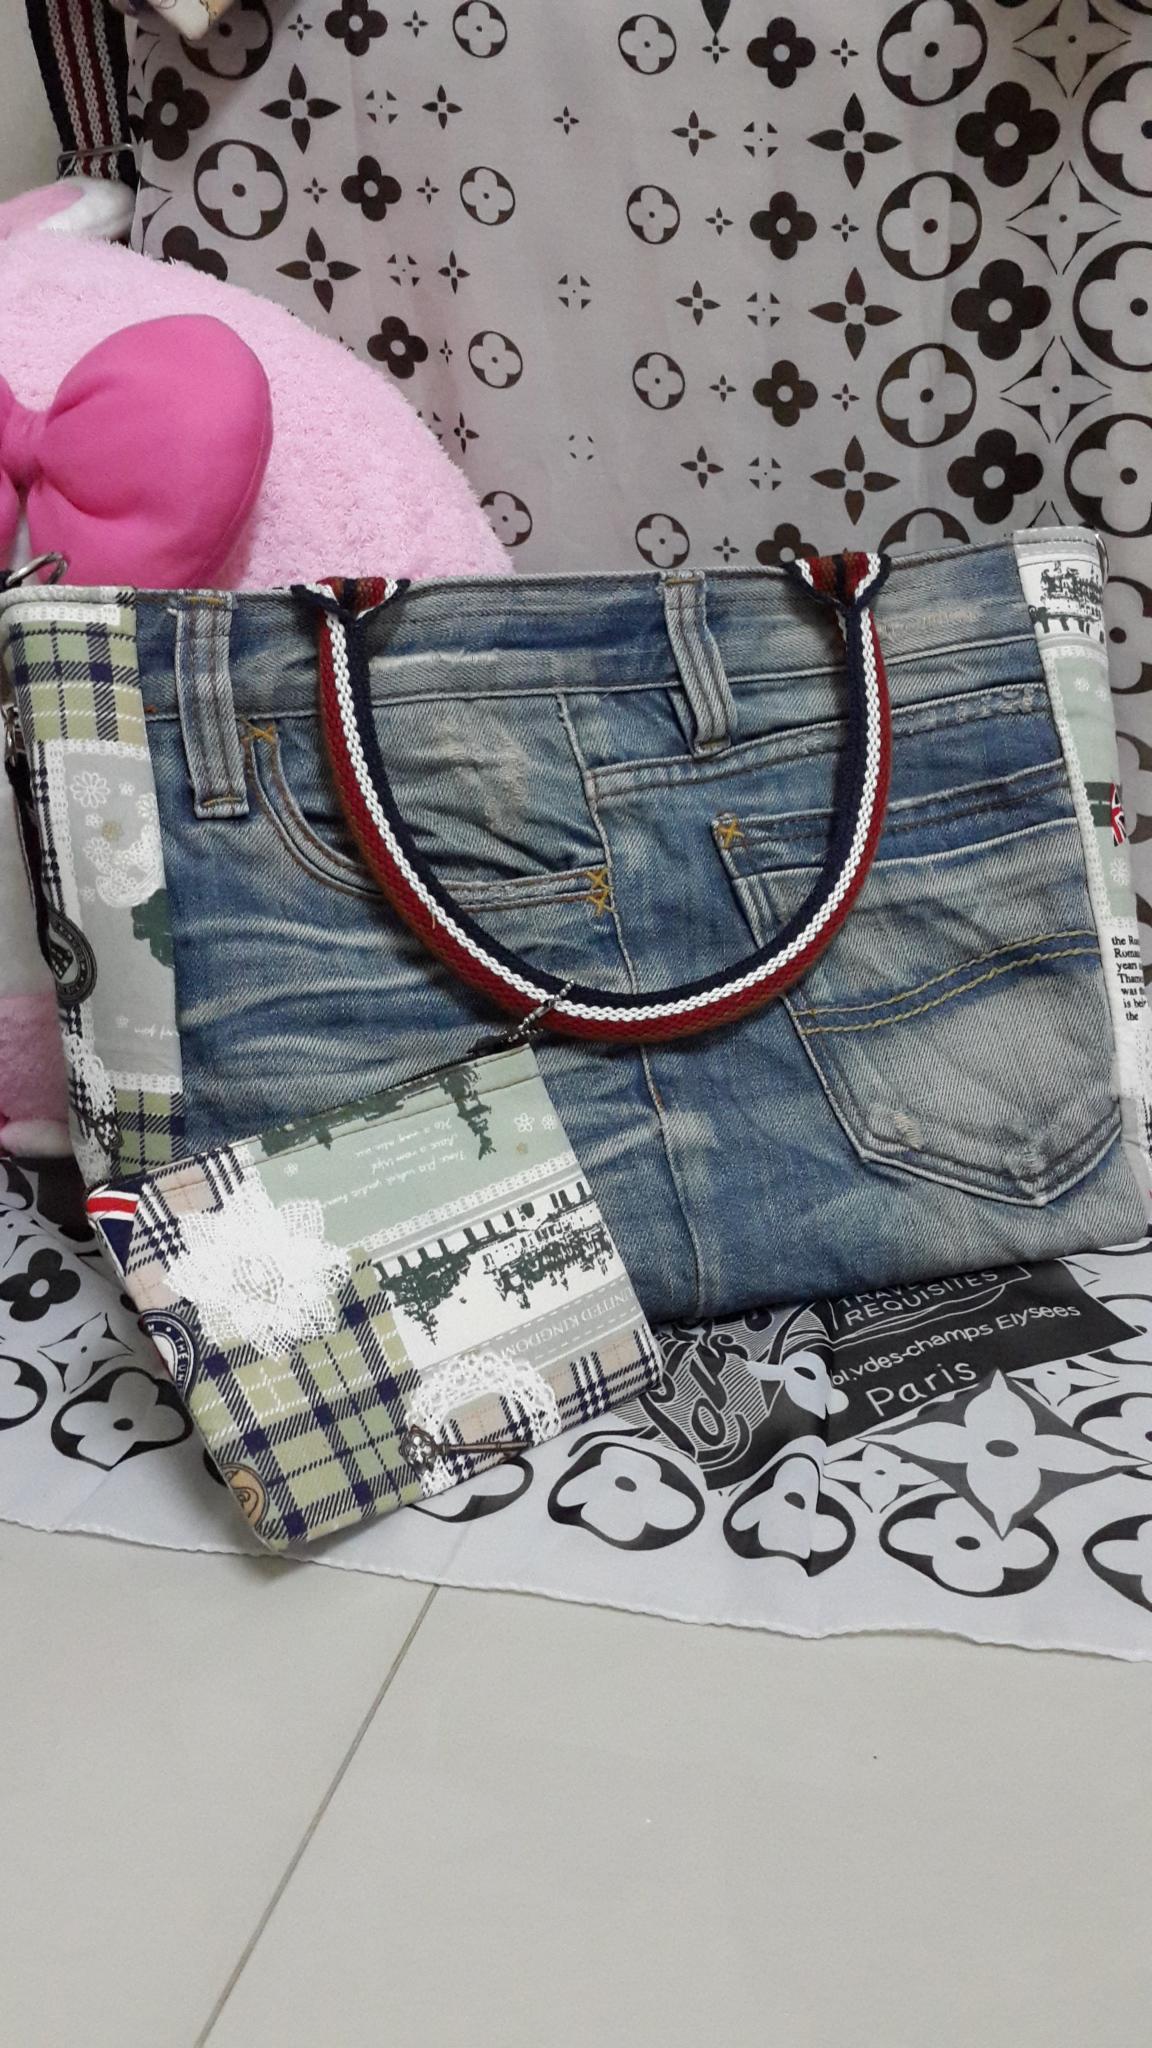 กระเป๋าสะพายไหล่+กระเป๋าใส่เหรียญ น่ารัก